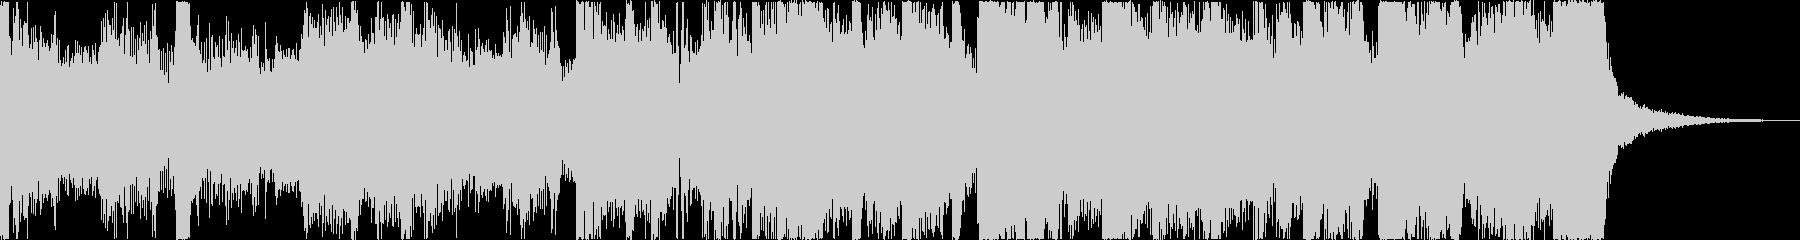 おしゃれレトロディスコシティポップgの未再生の波形